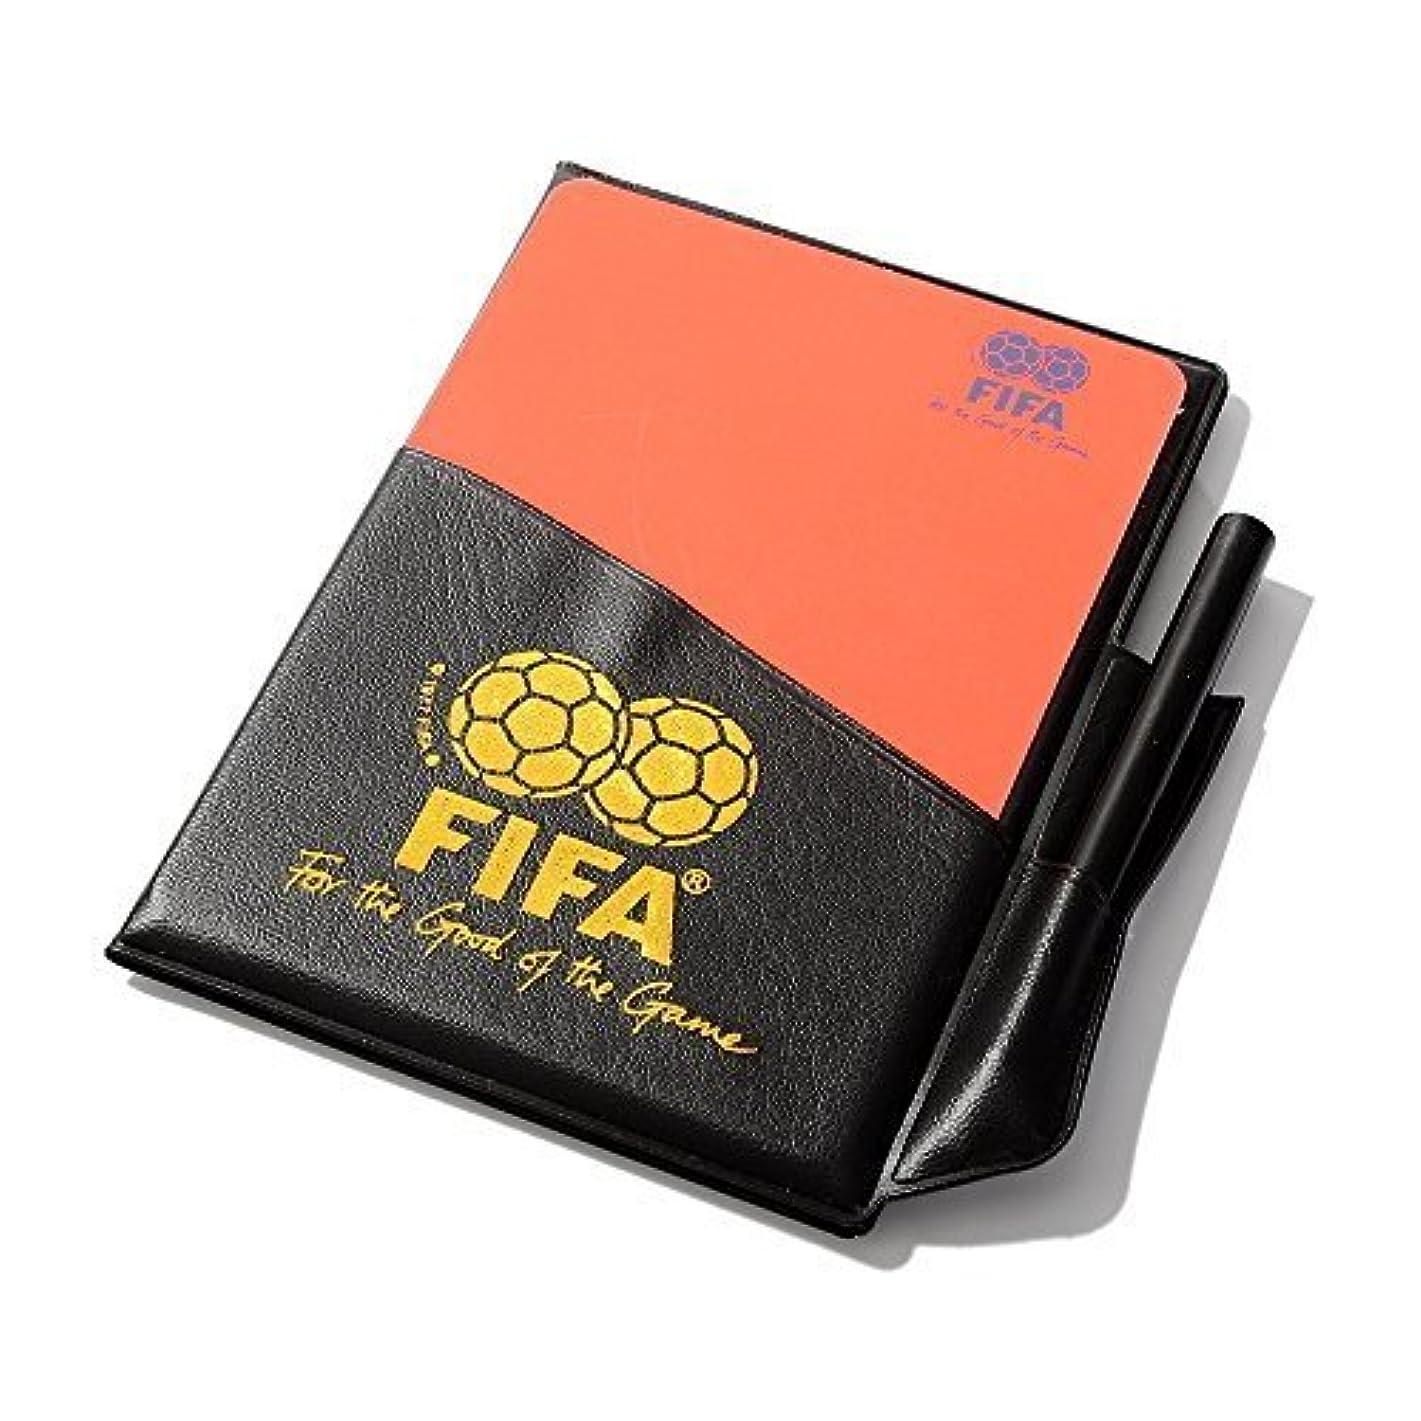 ペンスキャンダラスもう一度timeowサッカーレフェリーレッドカードフットボールイエローカードwith財布鉛筆記録用紙for FIFA Judge蛍光カード